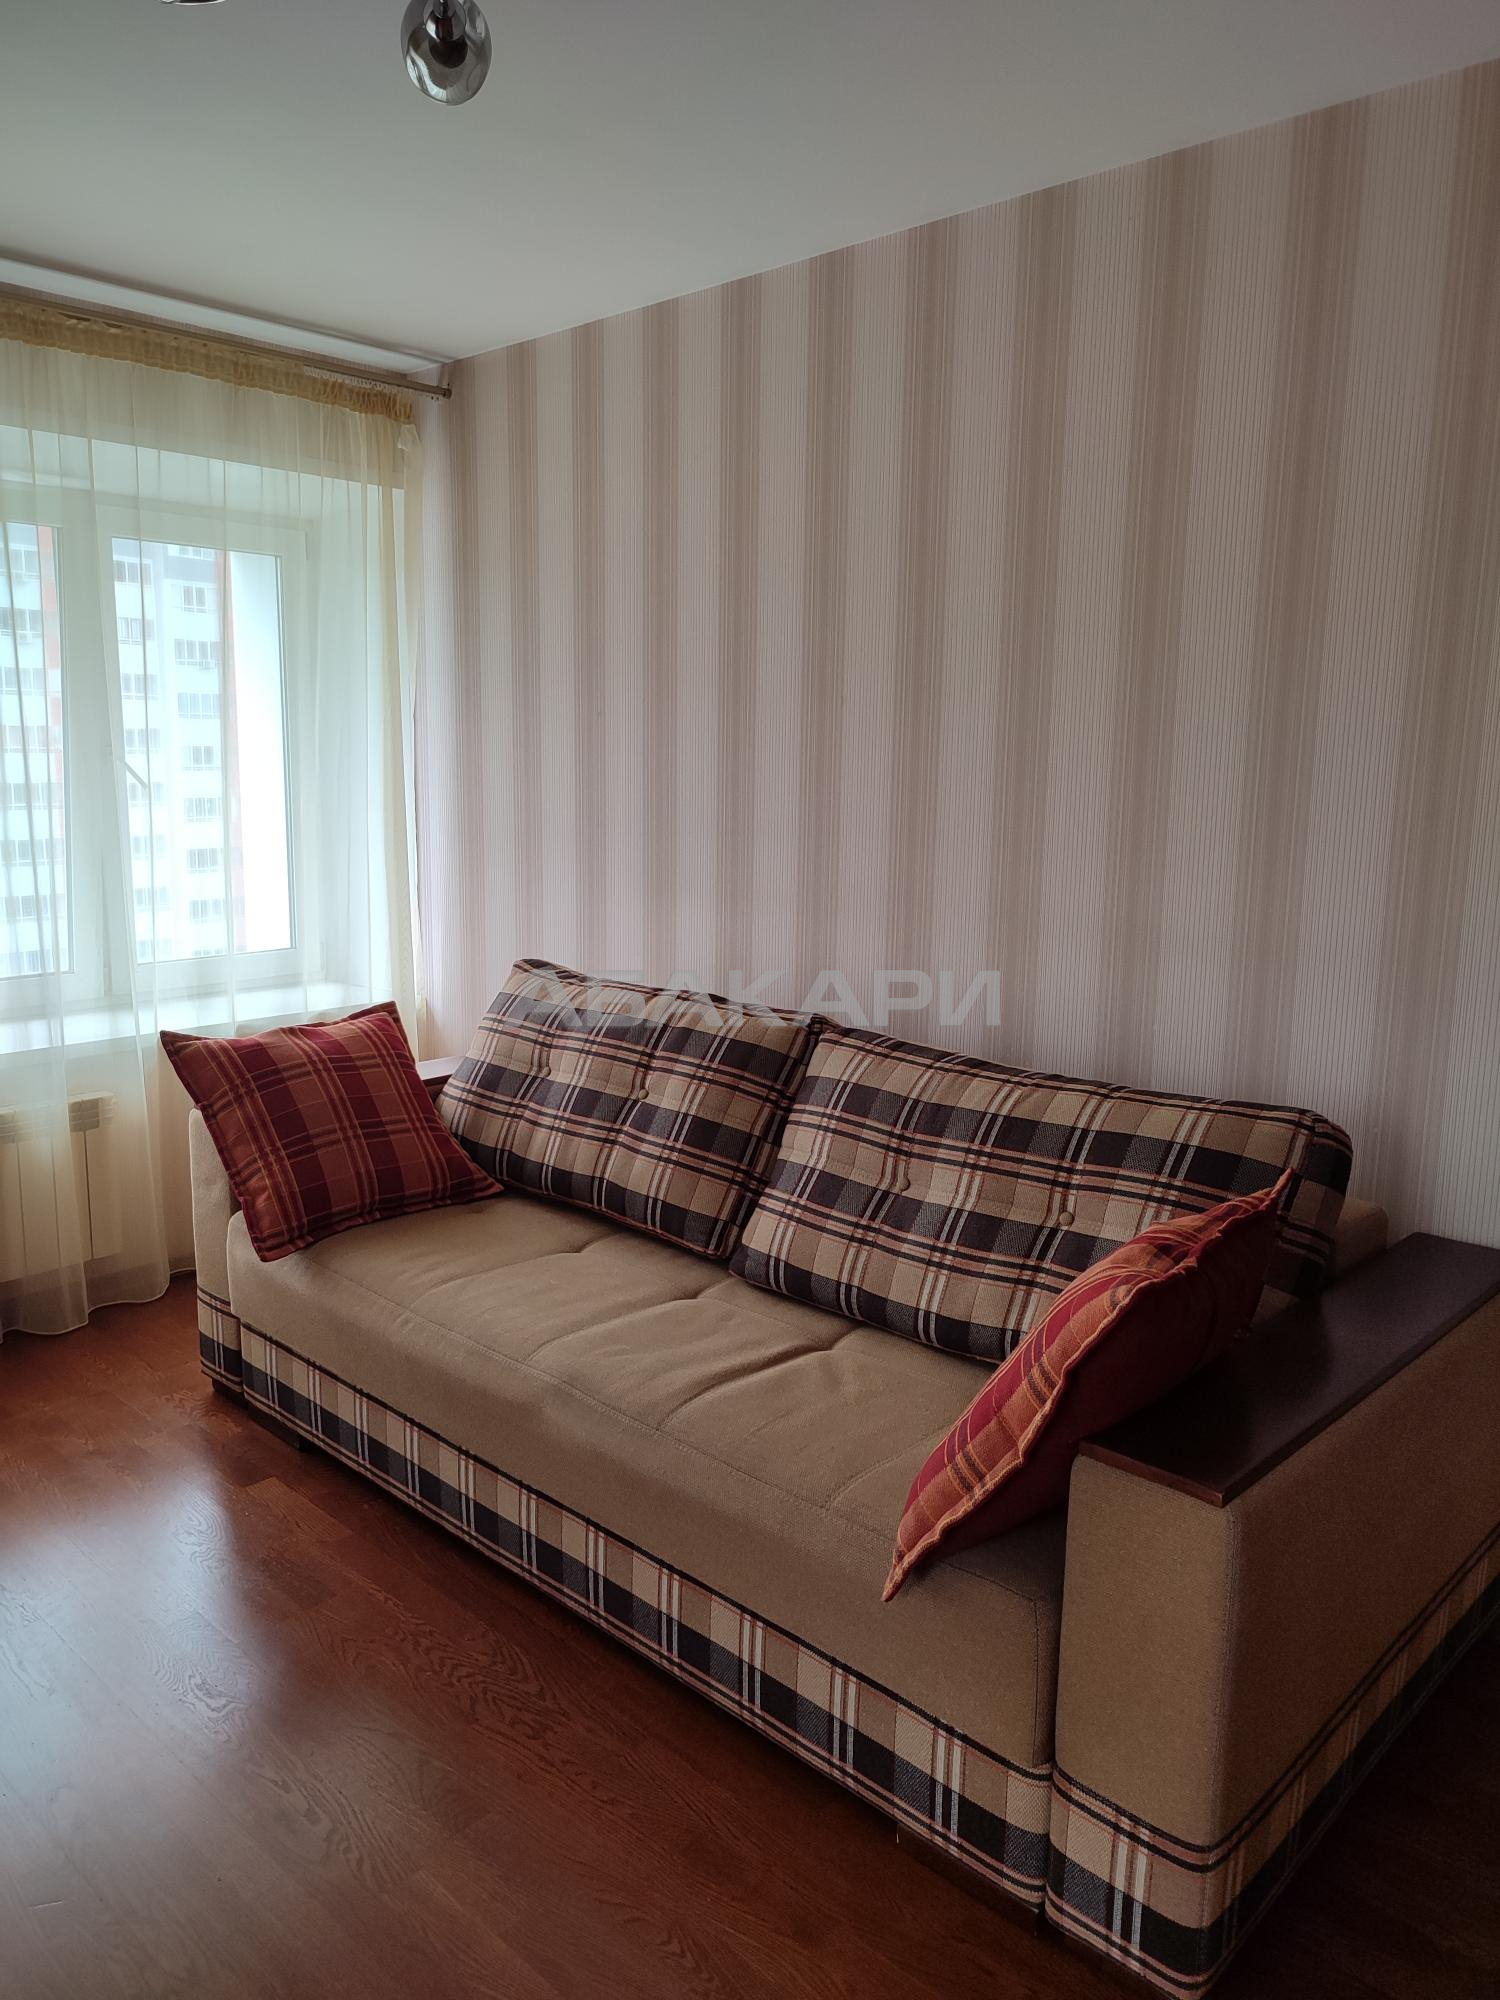 2к квартира улица Вильского, 16   30000   аренда в Красноярске фото 3